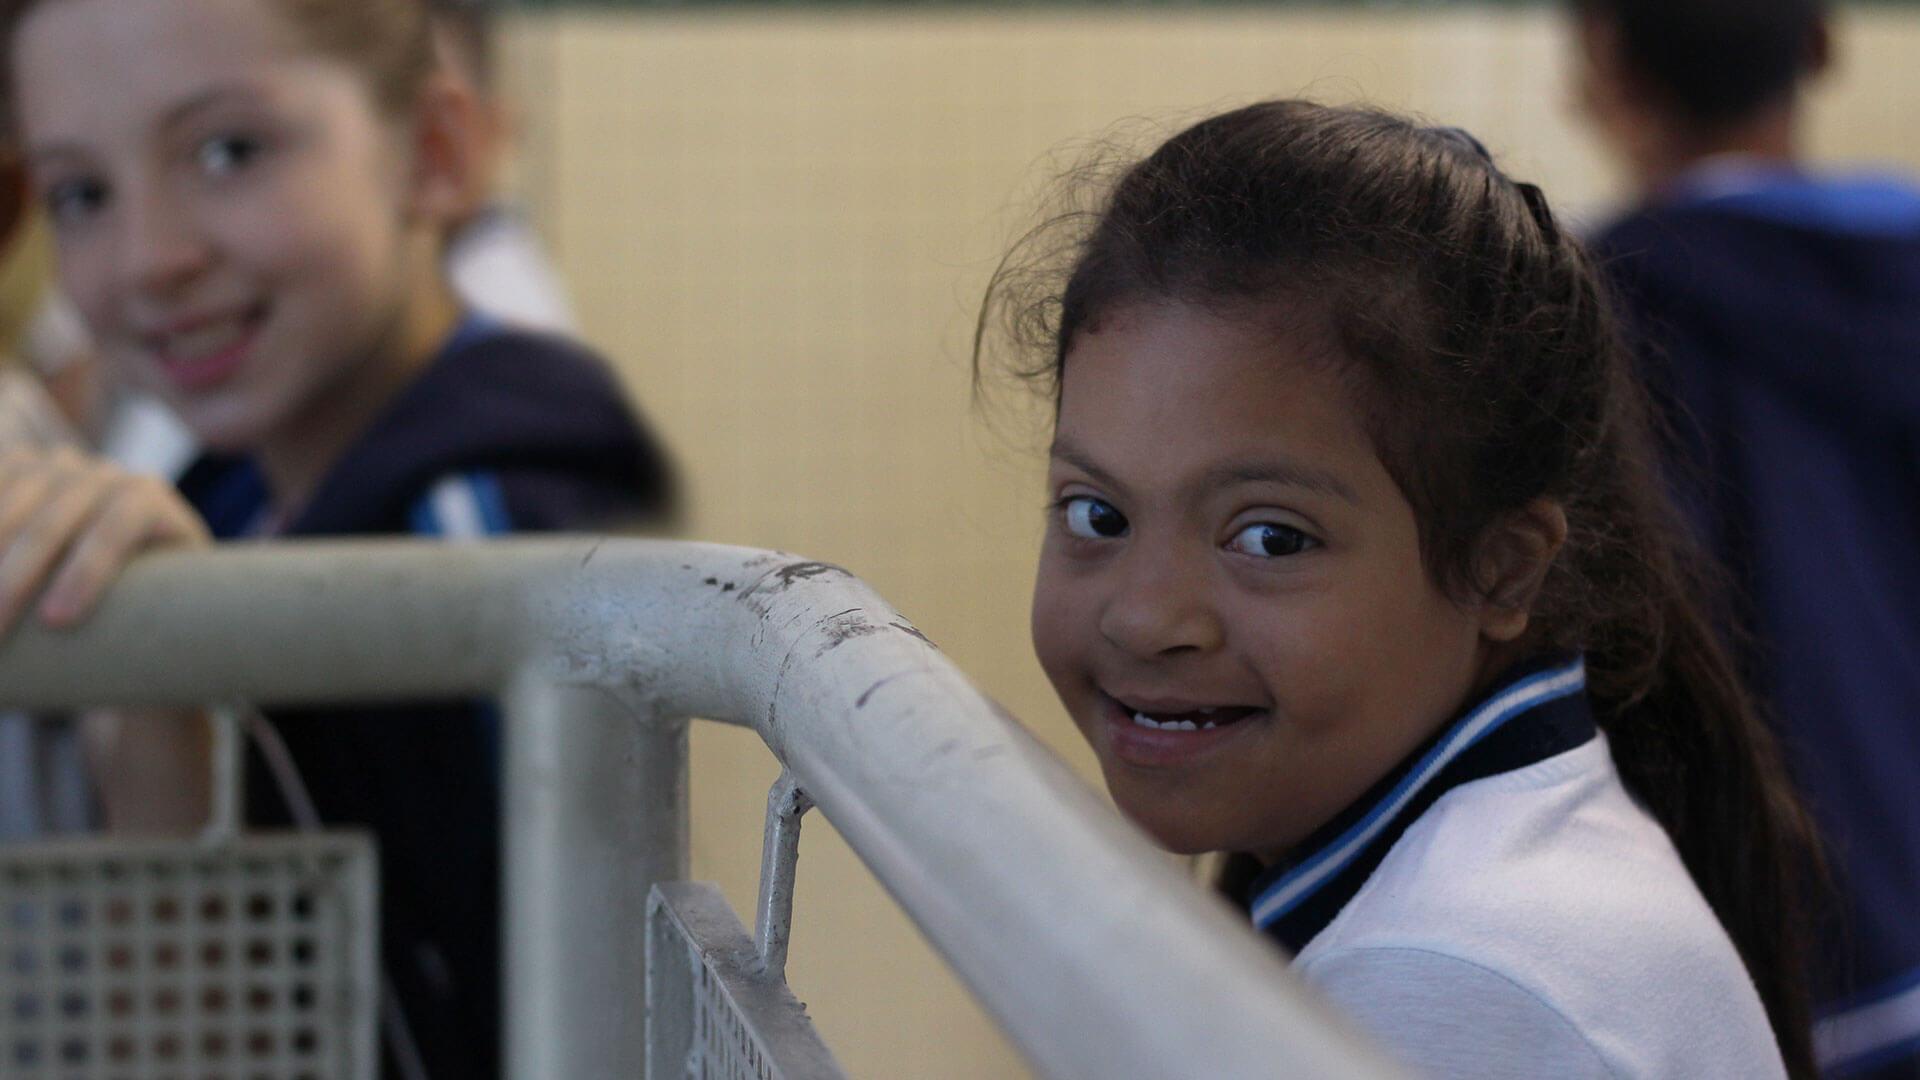 DIVERSA incentiva inclusão nas escolas comuns